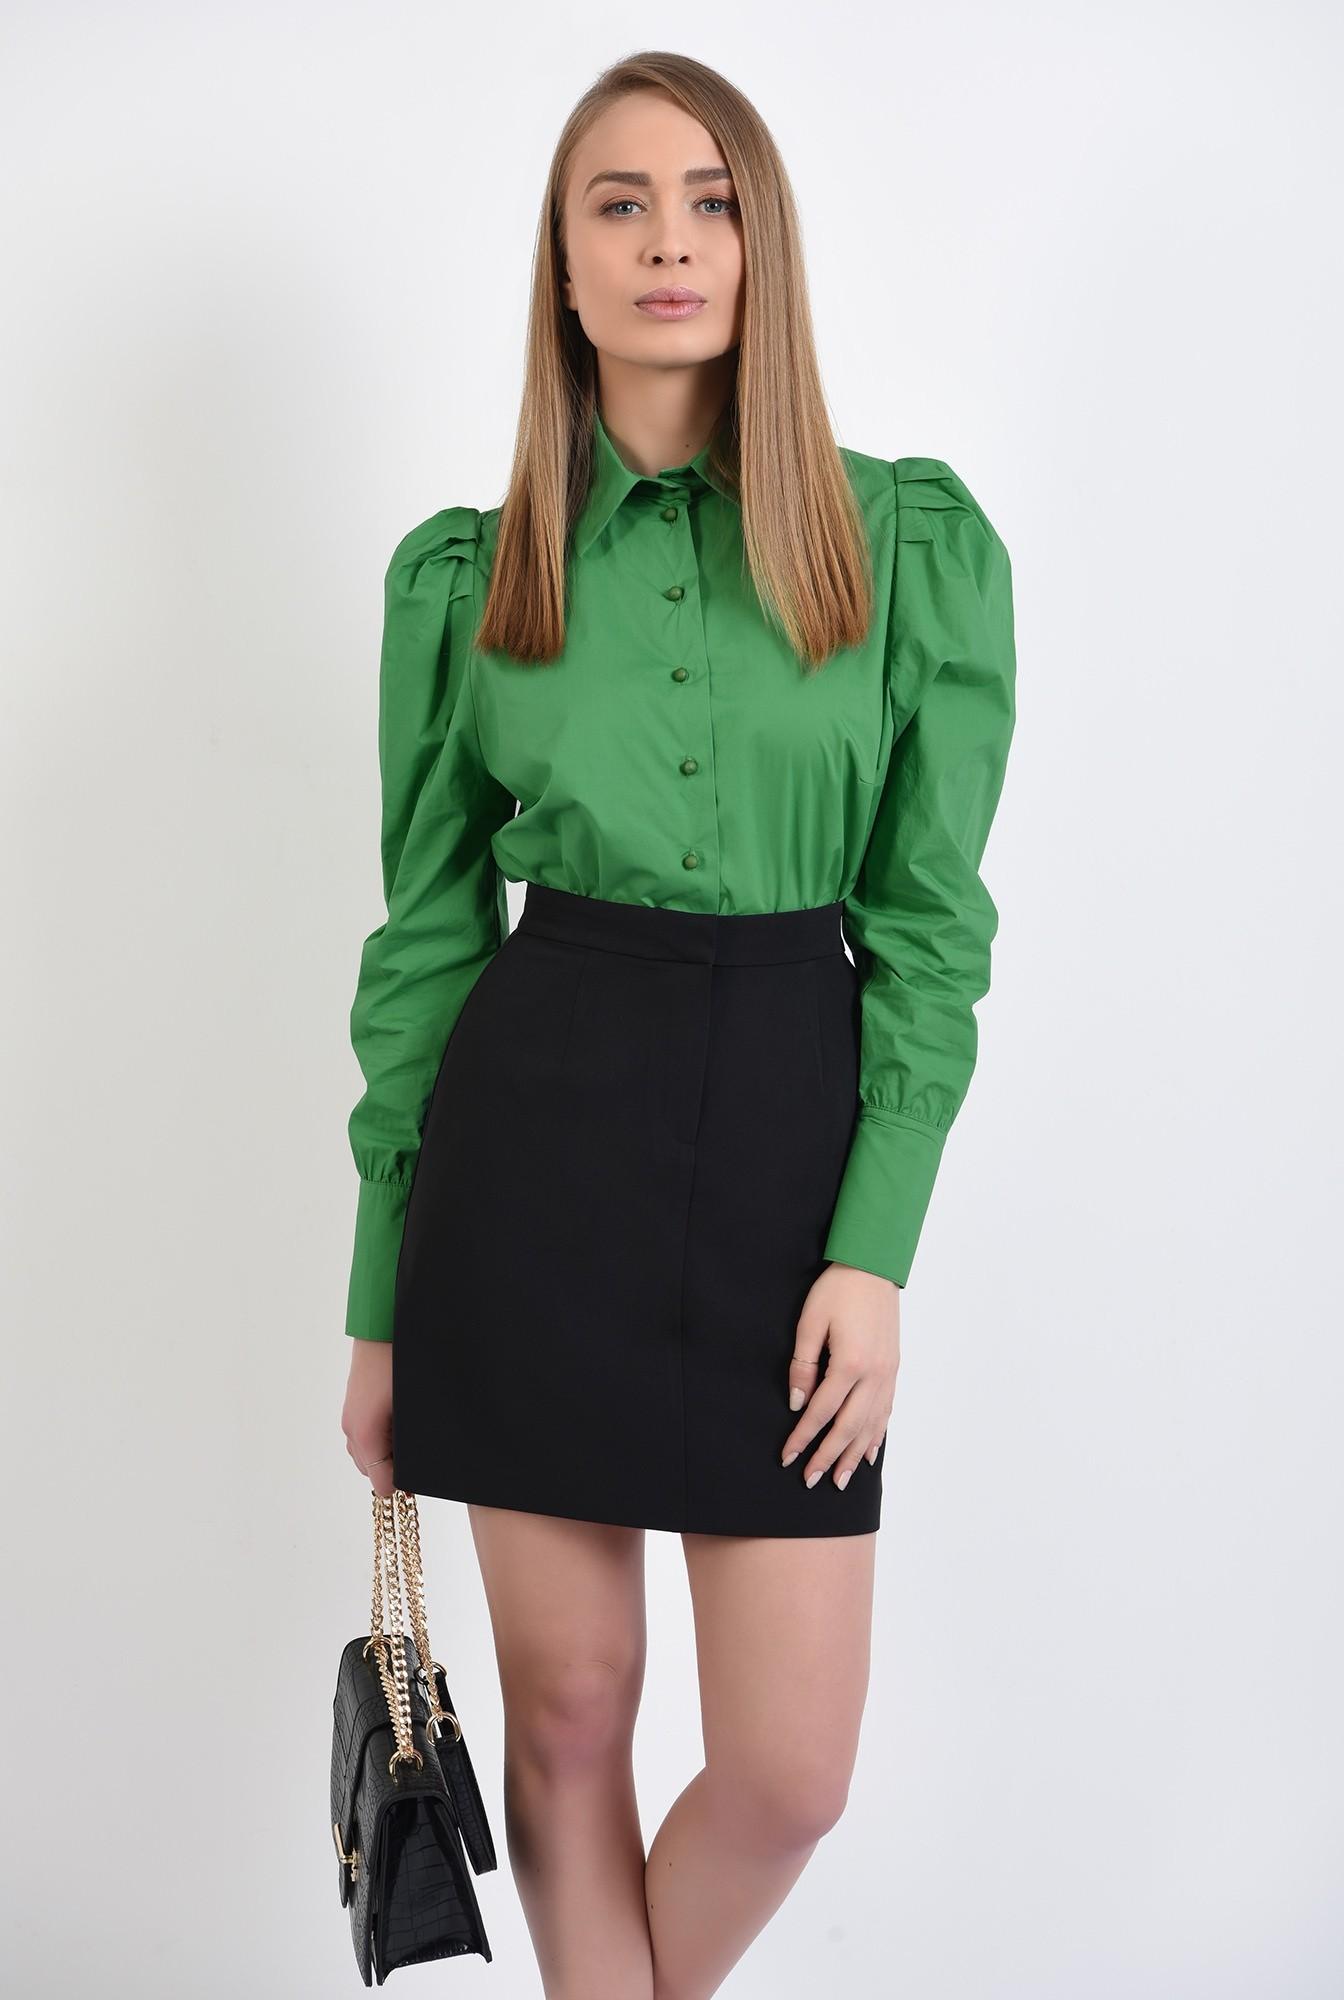 0 - camasa verde, casual, cu pliuri decorative, nasturi perla